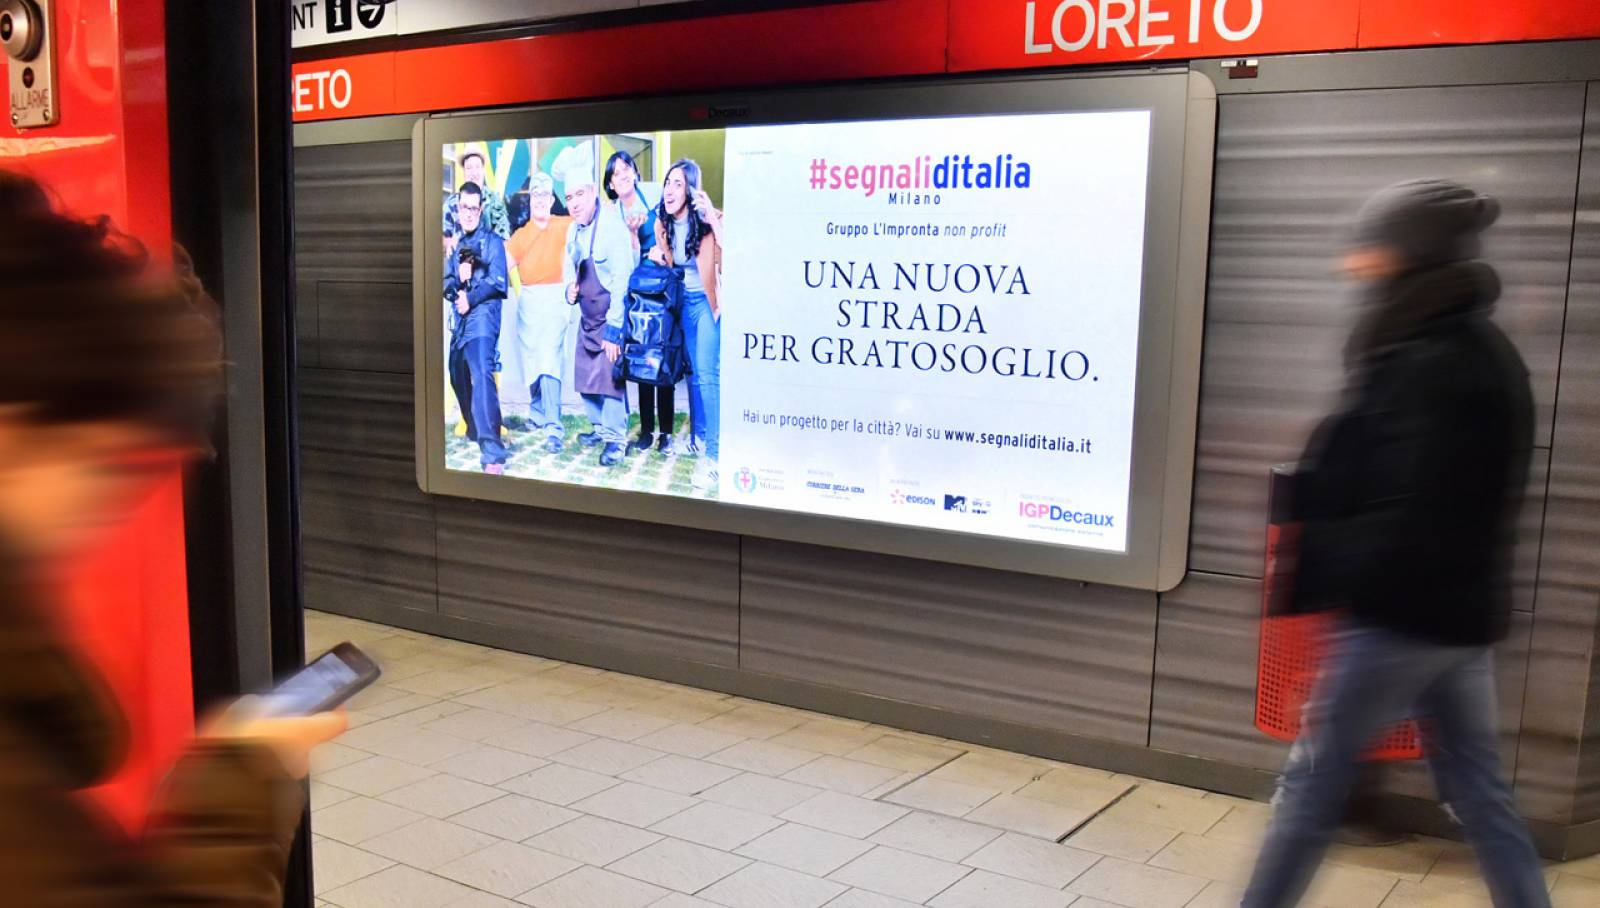 Pubblicità OOH IGPDecaux a Milano circuito Phygital per Segnali d'Italia